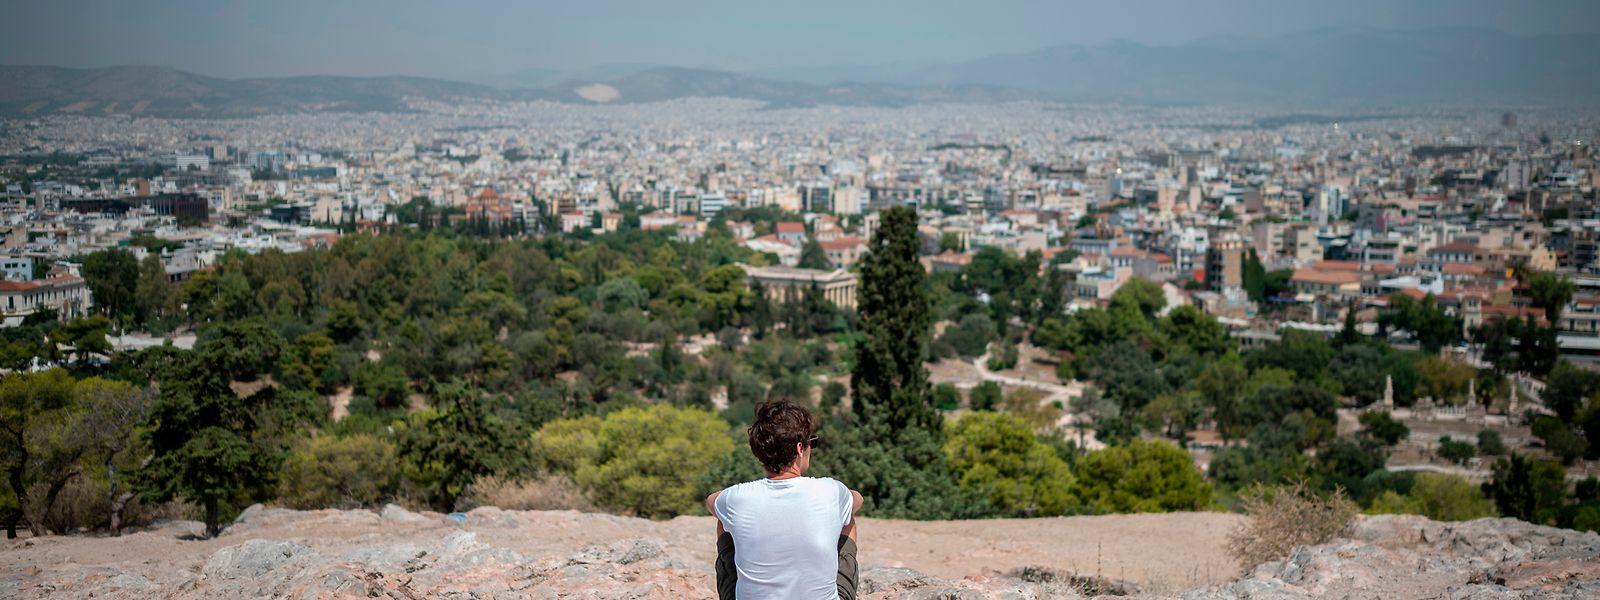 Athen: Ein Tourist schaut bei Temperaturen über 40 Grad auf dem Hügel Areios Pagos auf die Stadt.